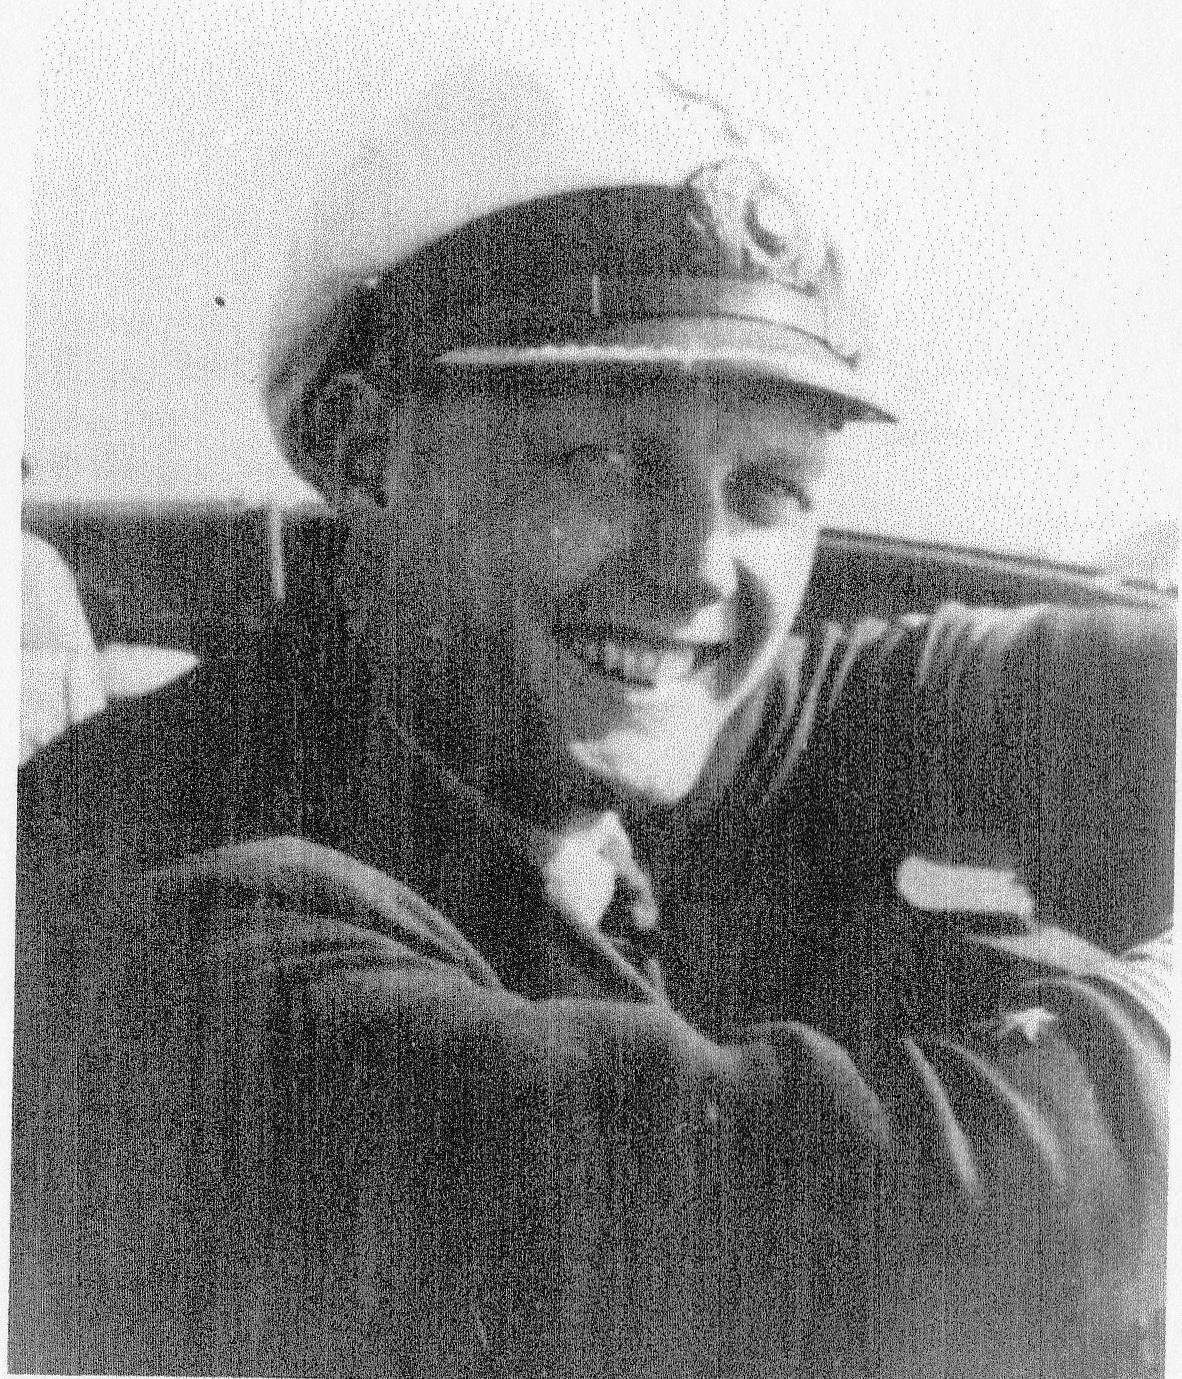 Gunter Jahn - U-Boat Commander 30.3.43